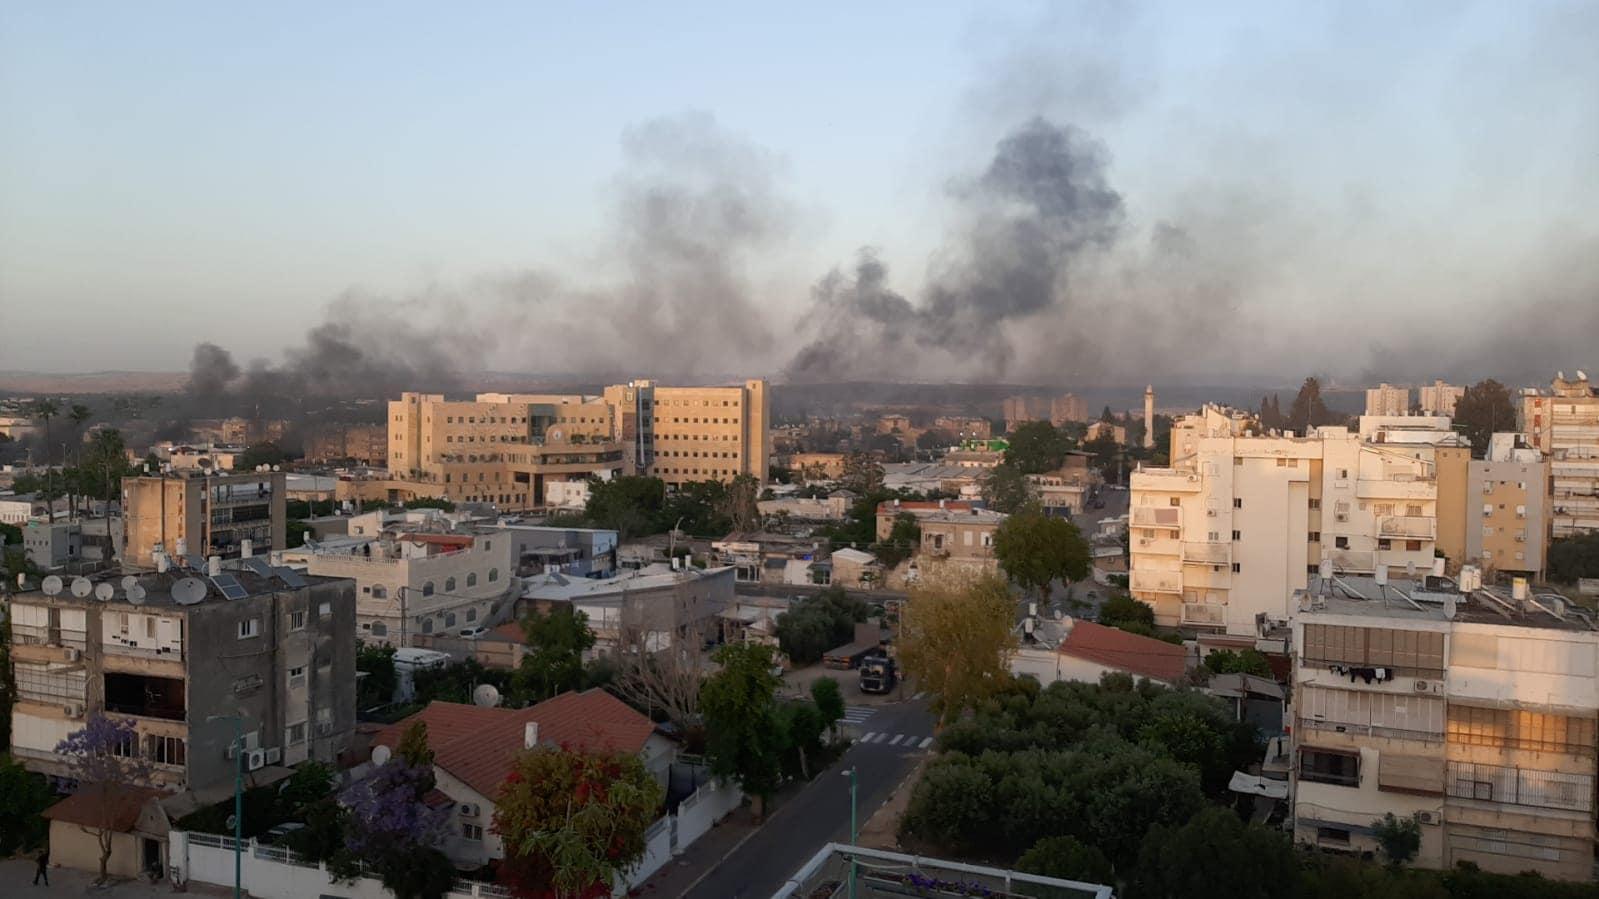 העיר לוד עולה בלהבות (צילום: דניאלה אברמוב)